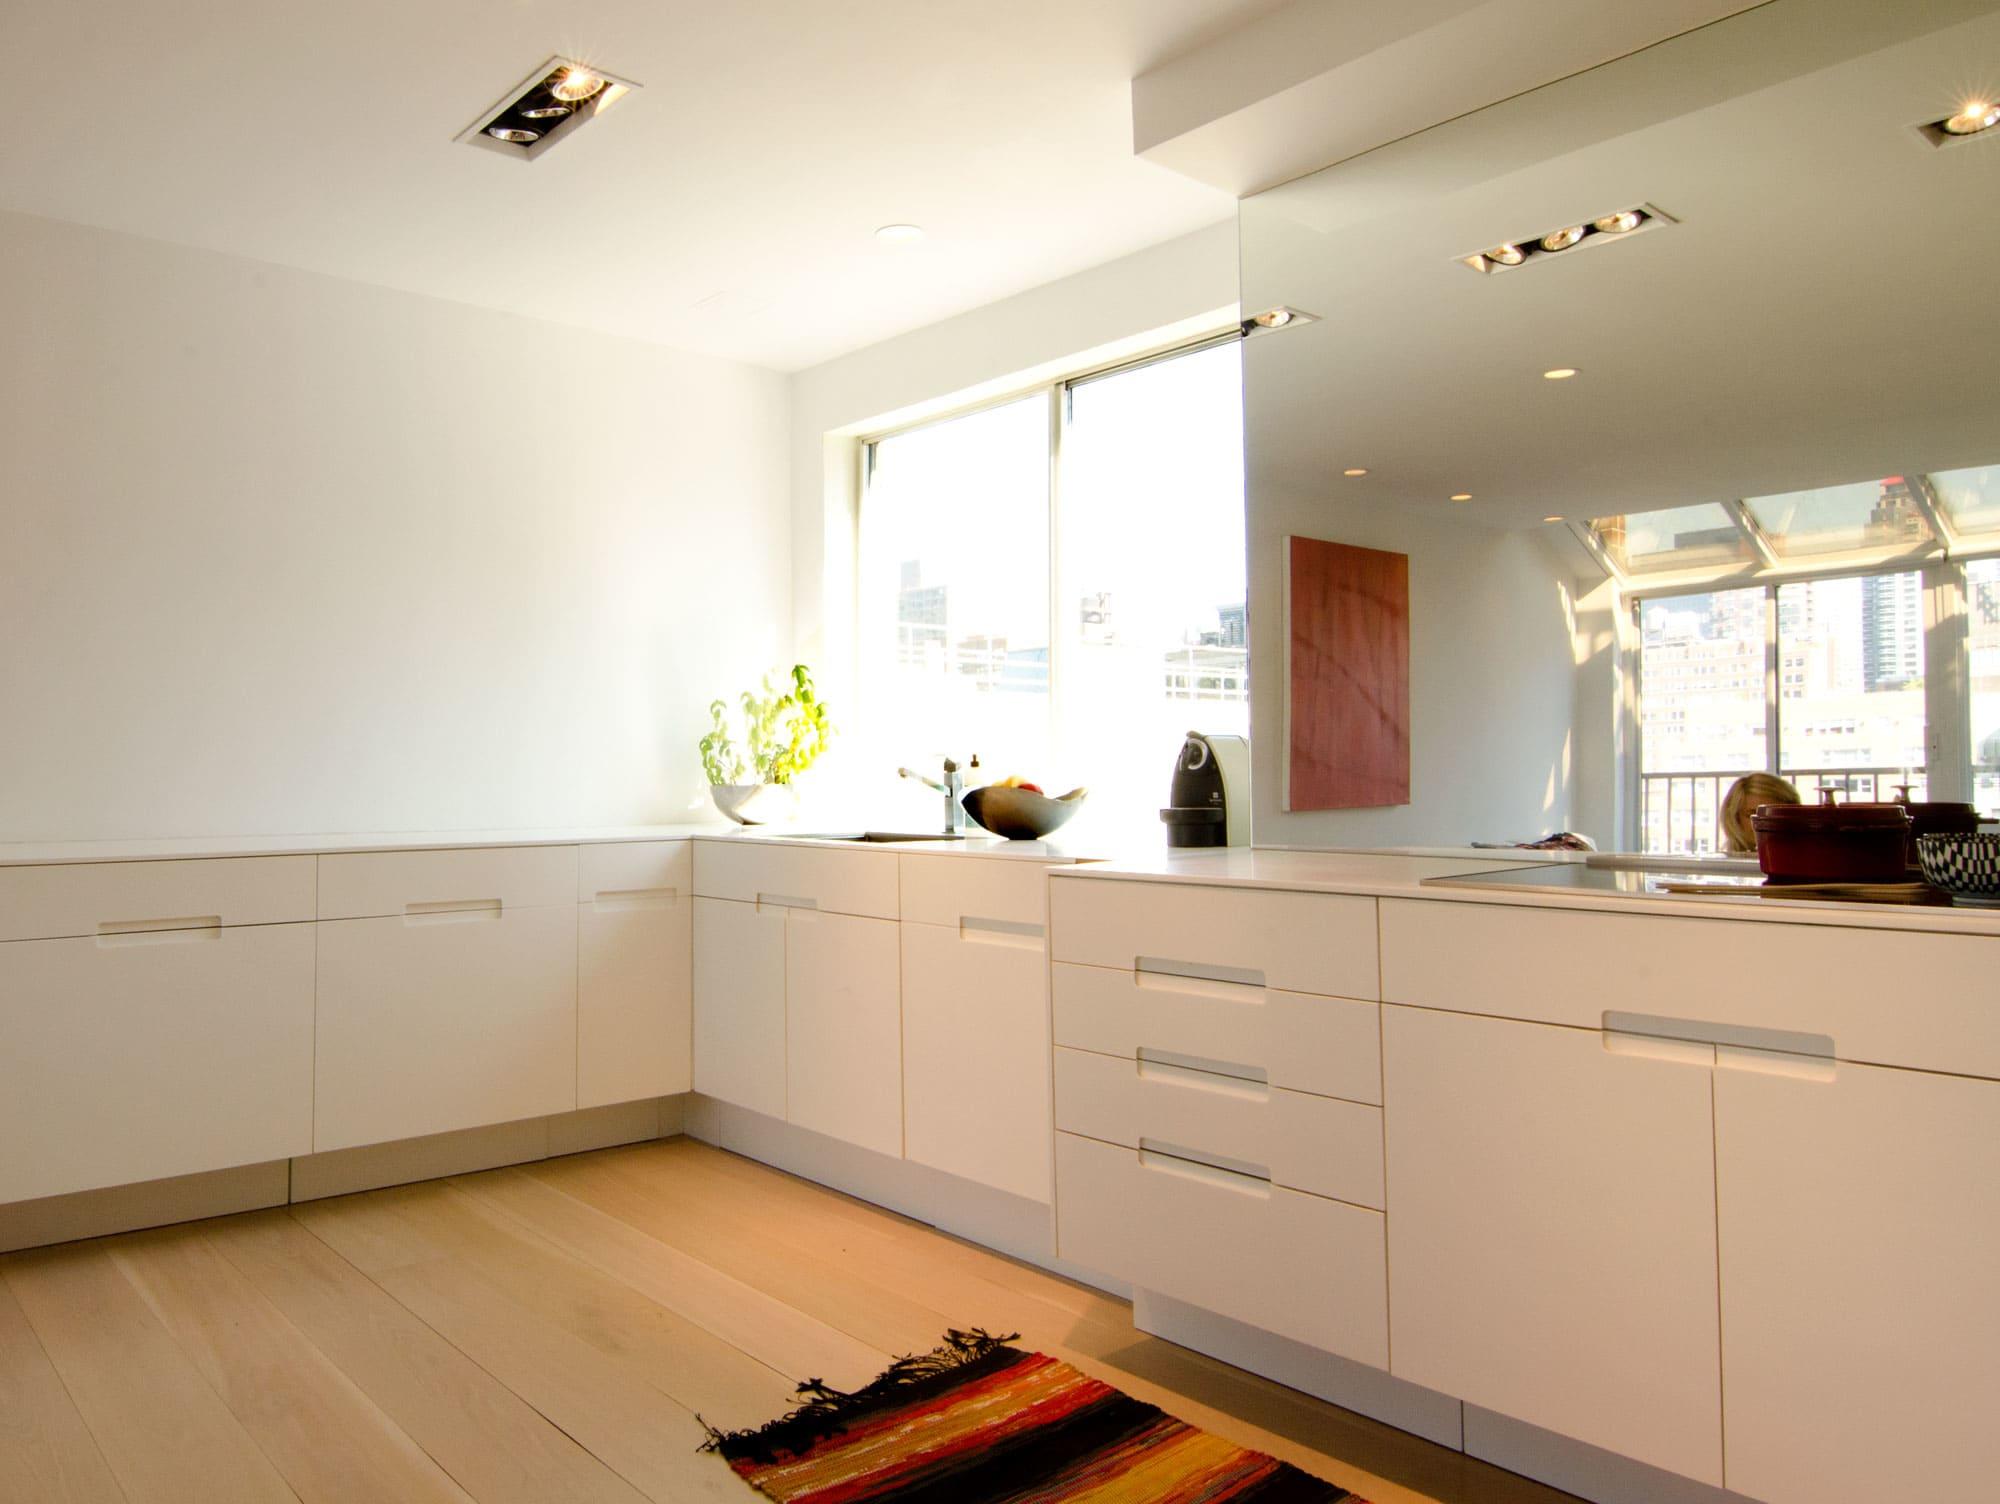 Cecilia's Sleek High-Design Kitchen: gallery image 2